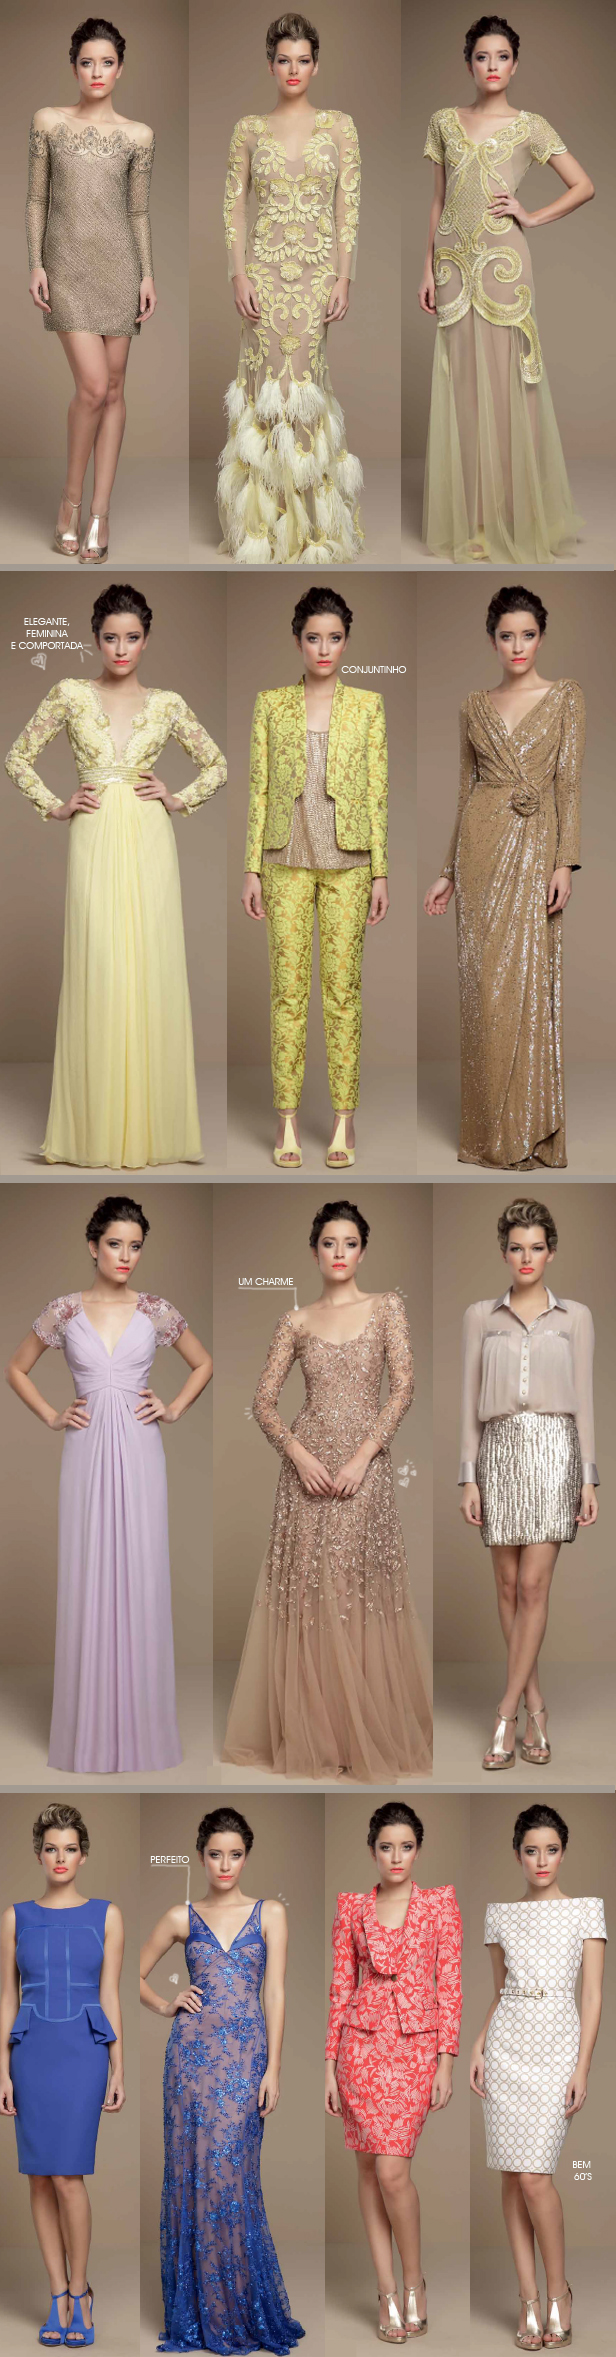 coleção mabel magalhães verão 2012 com vestidos de festas e conjuntinhos estampados